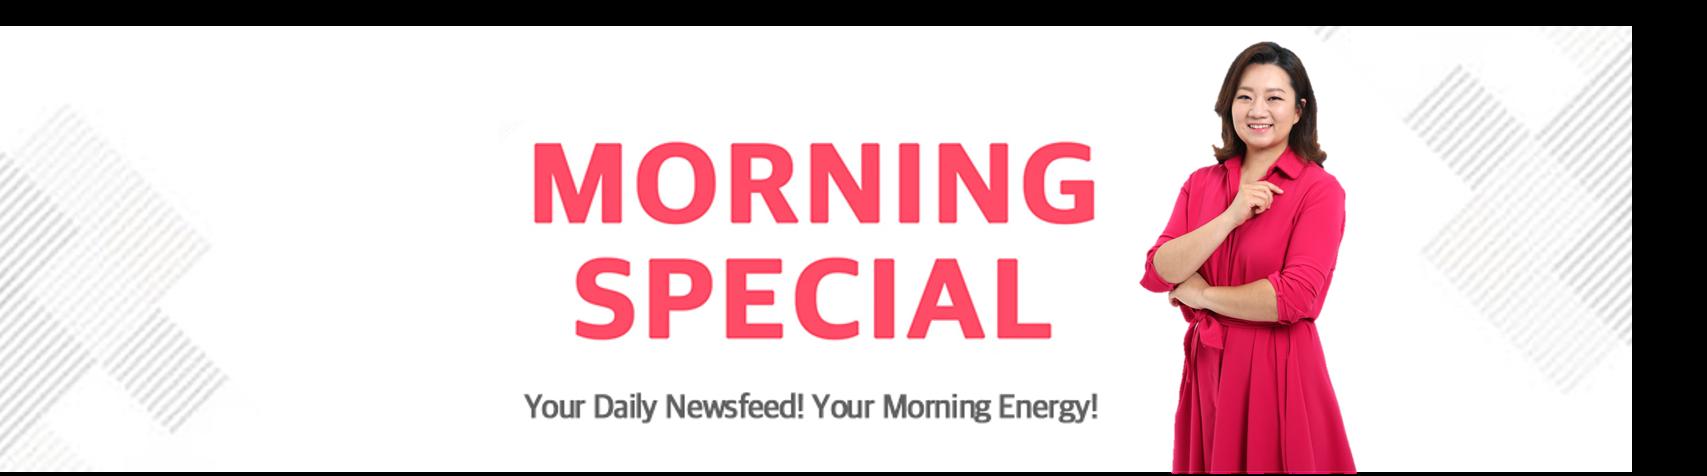 최수진의 모닝 스페셜 (1부) - Global Headline / News Focus